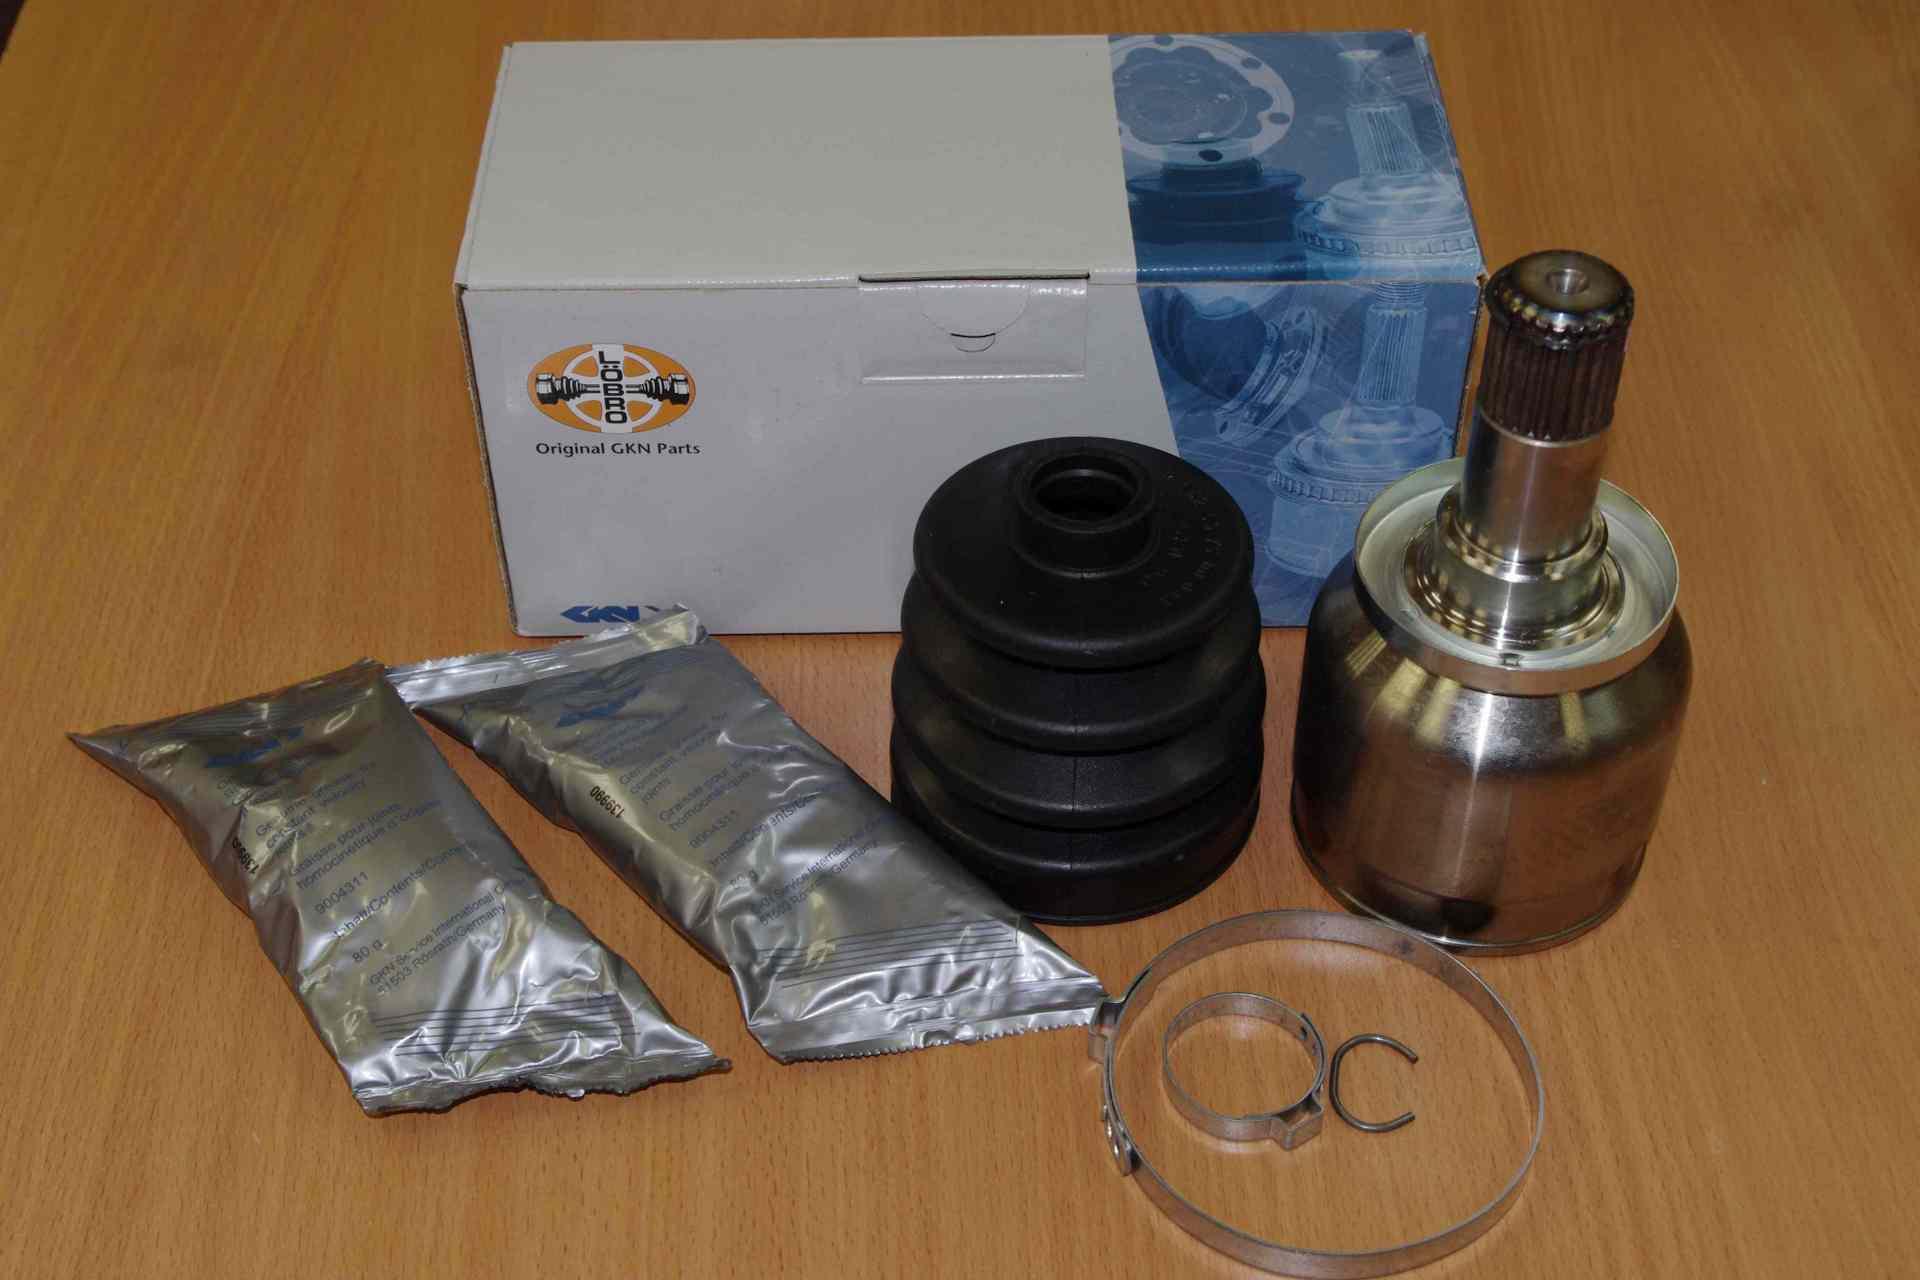 шрус ваз на ваз 2114 отзывы Фонари для тюнинга, задние фары ВАЗ 2108-21099, 2113, 2114